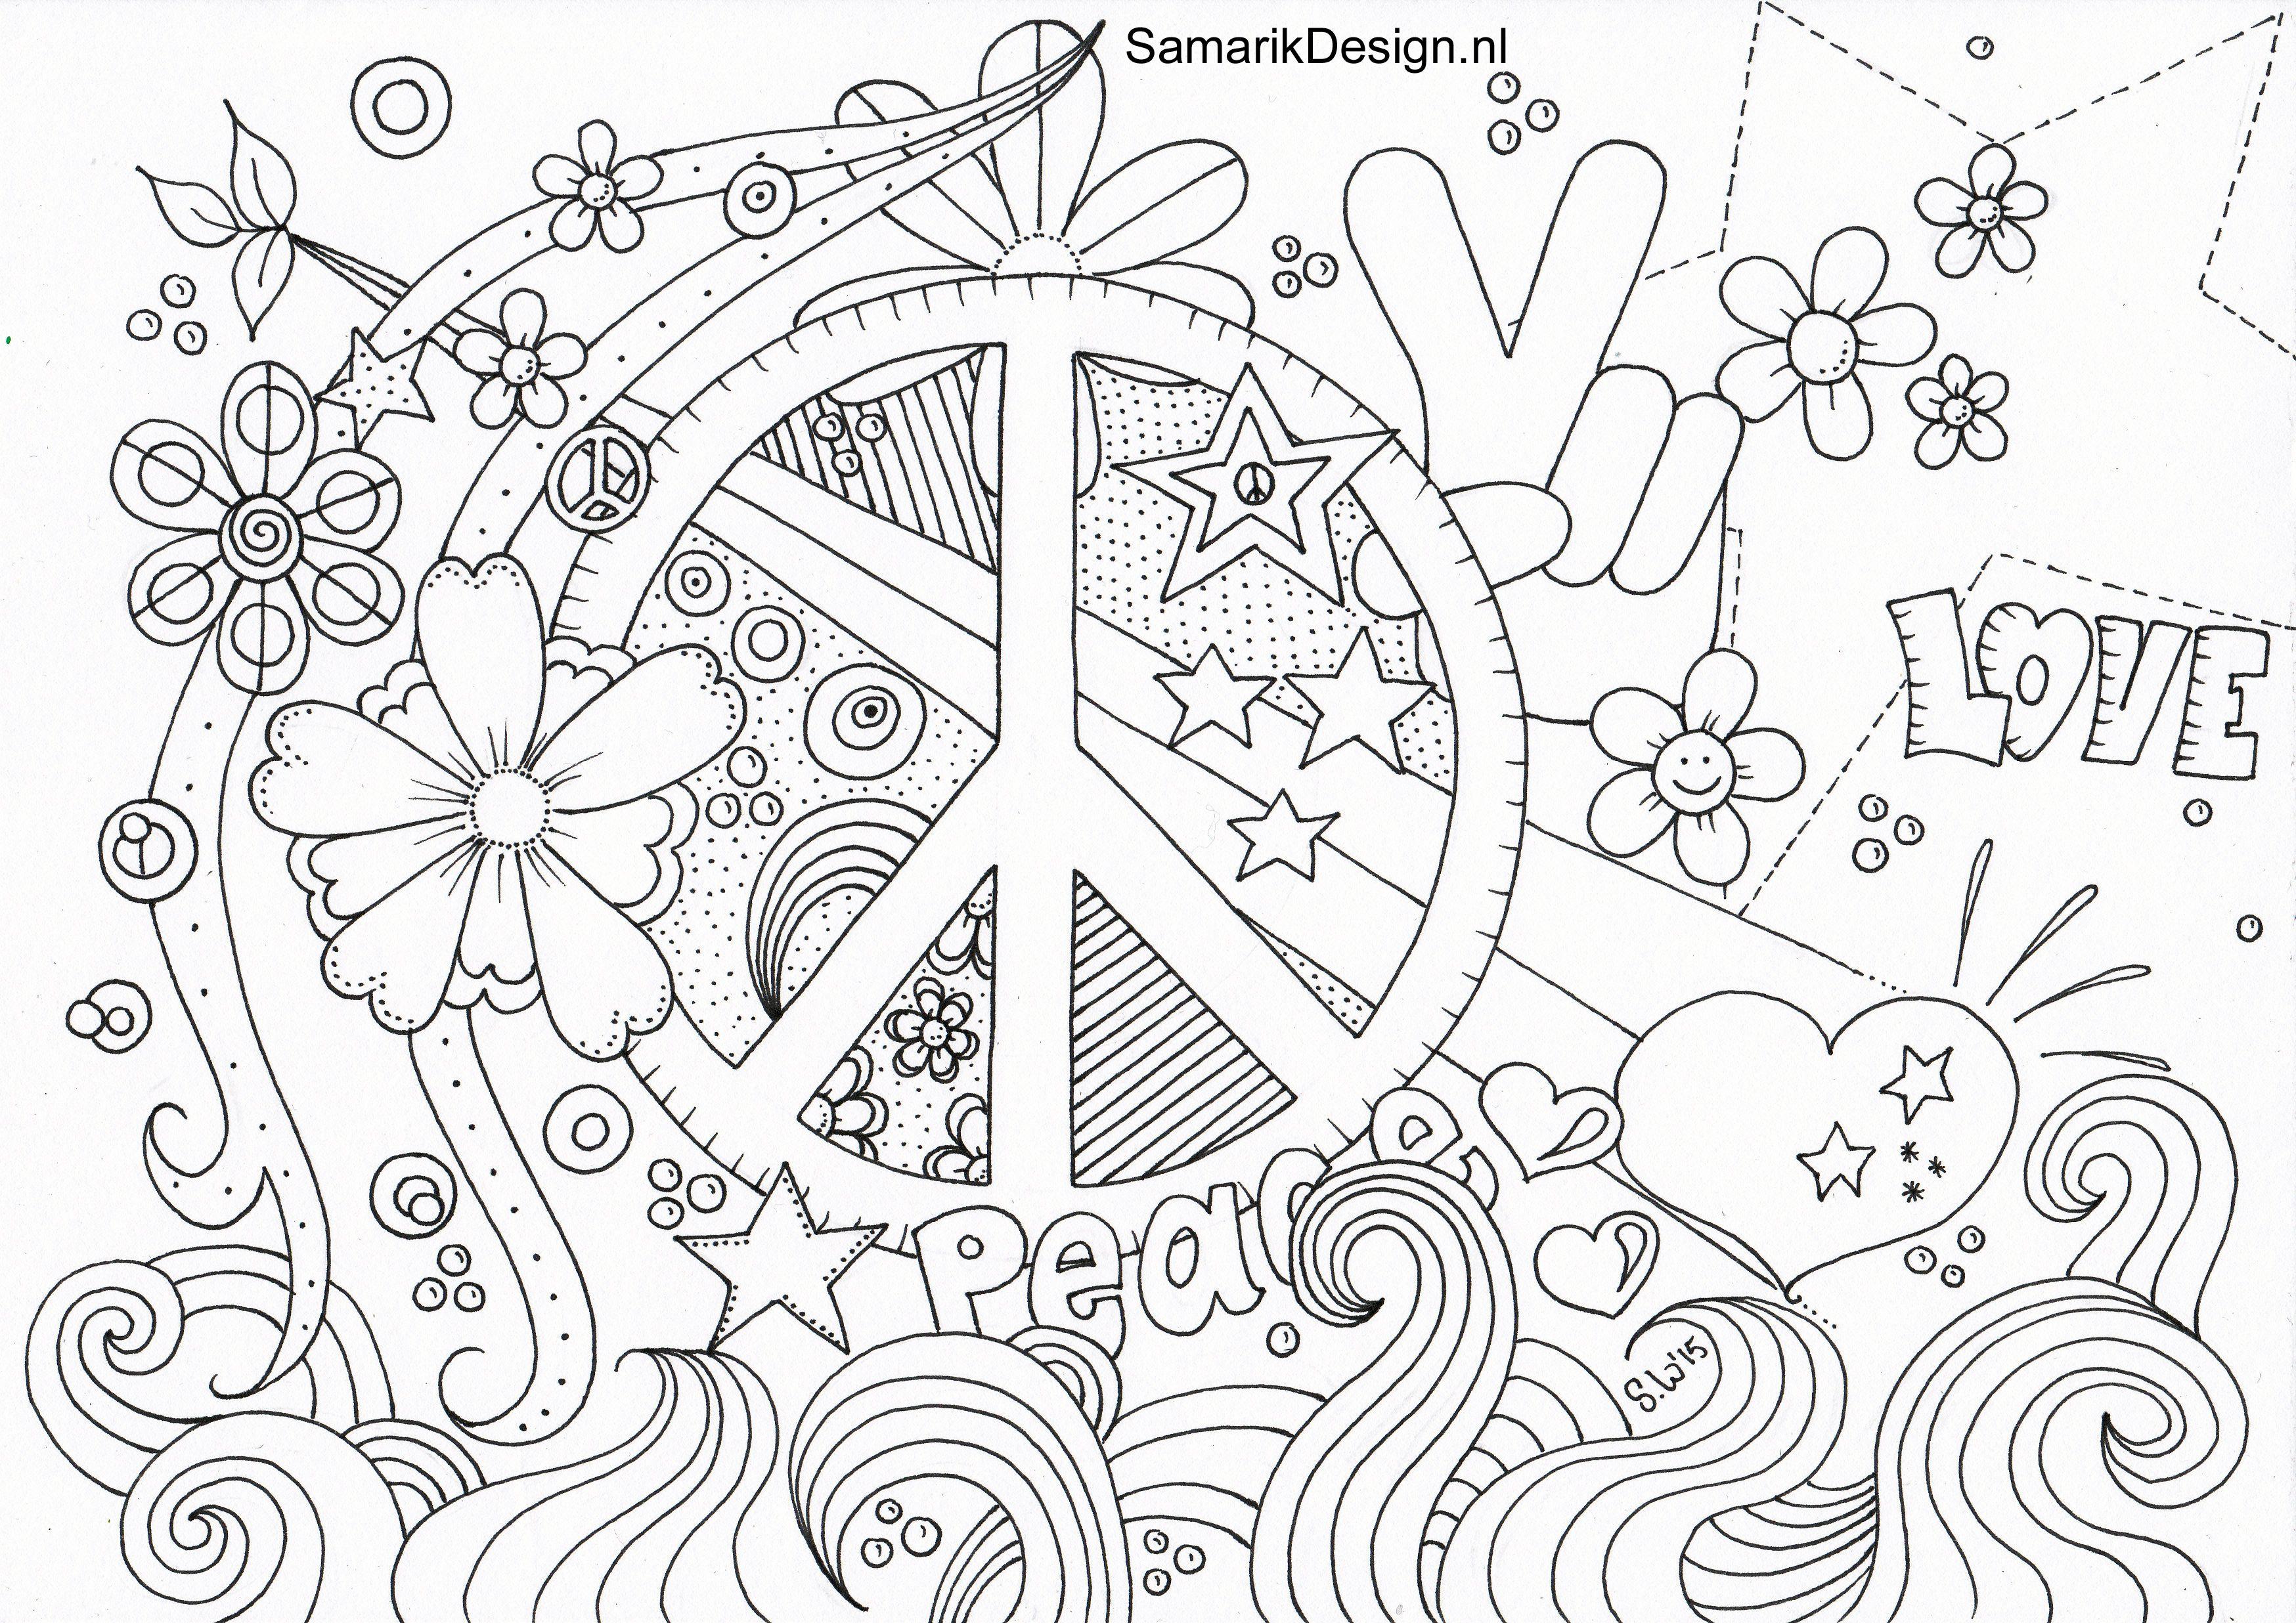 kleurplaat voor volwassenen peace kleurplaten